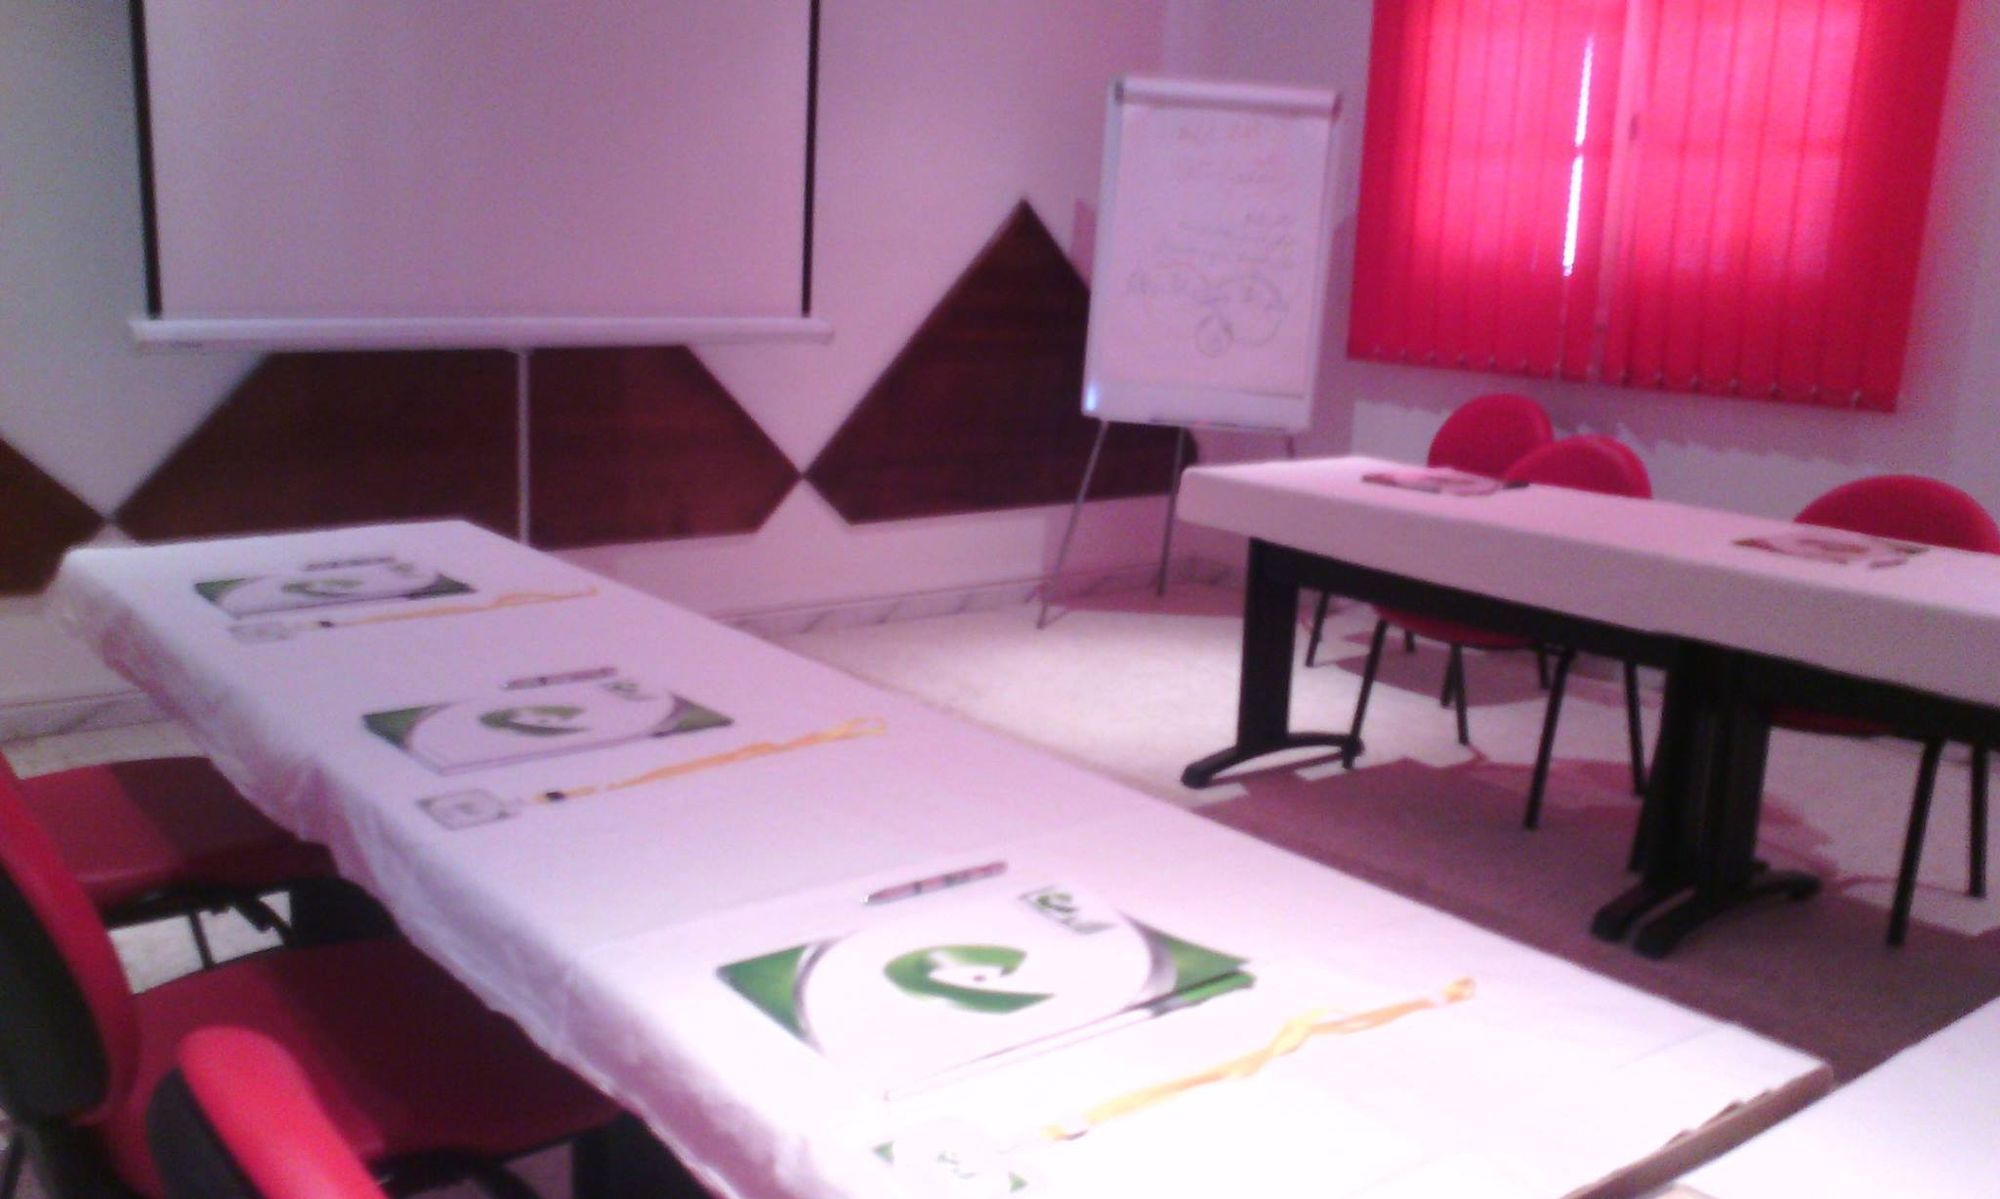 Les dernières offres de location de locaux tunisie bureaux.com